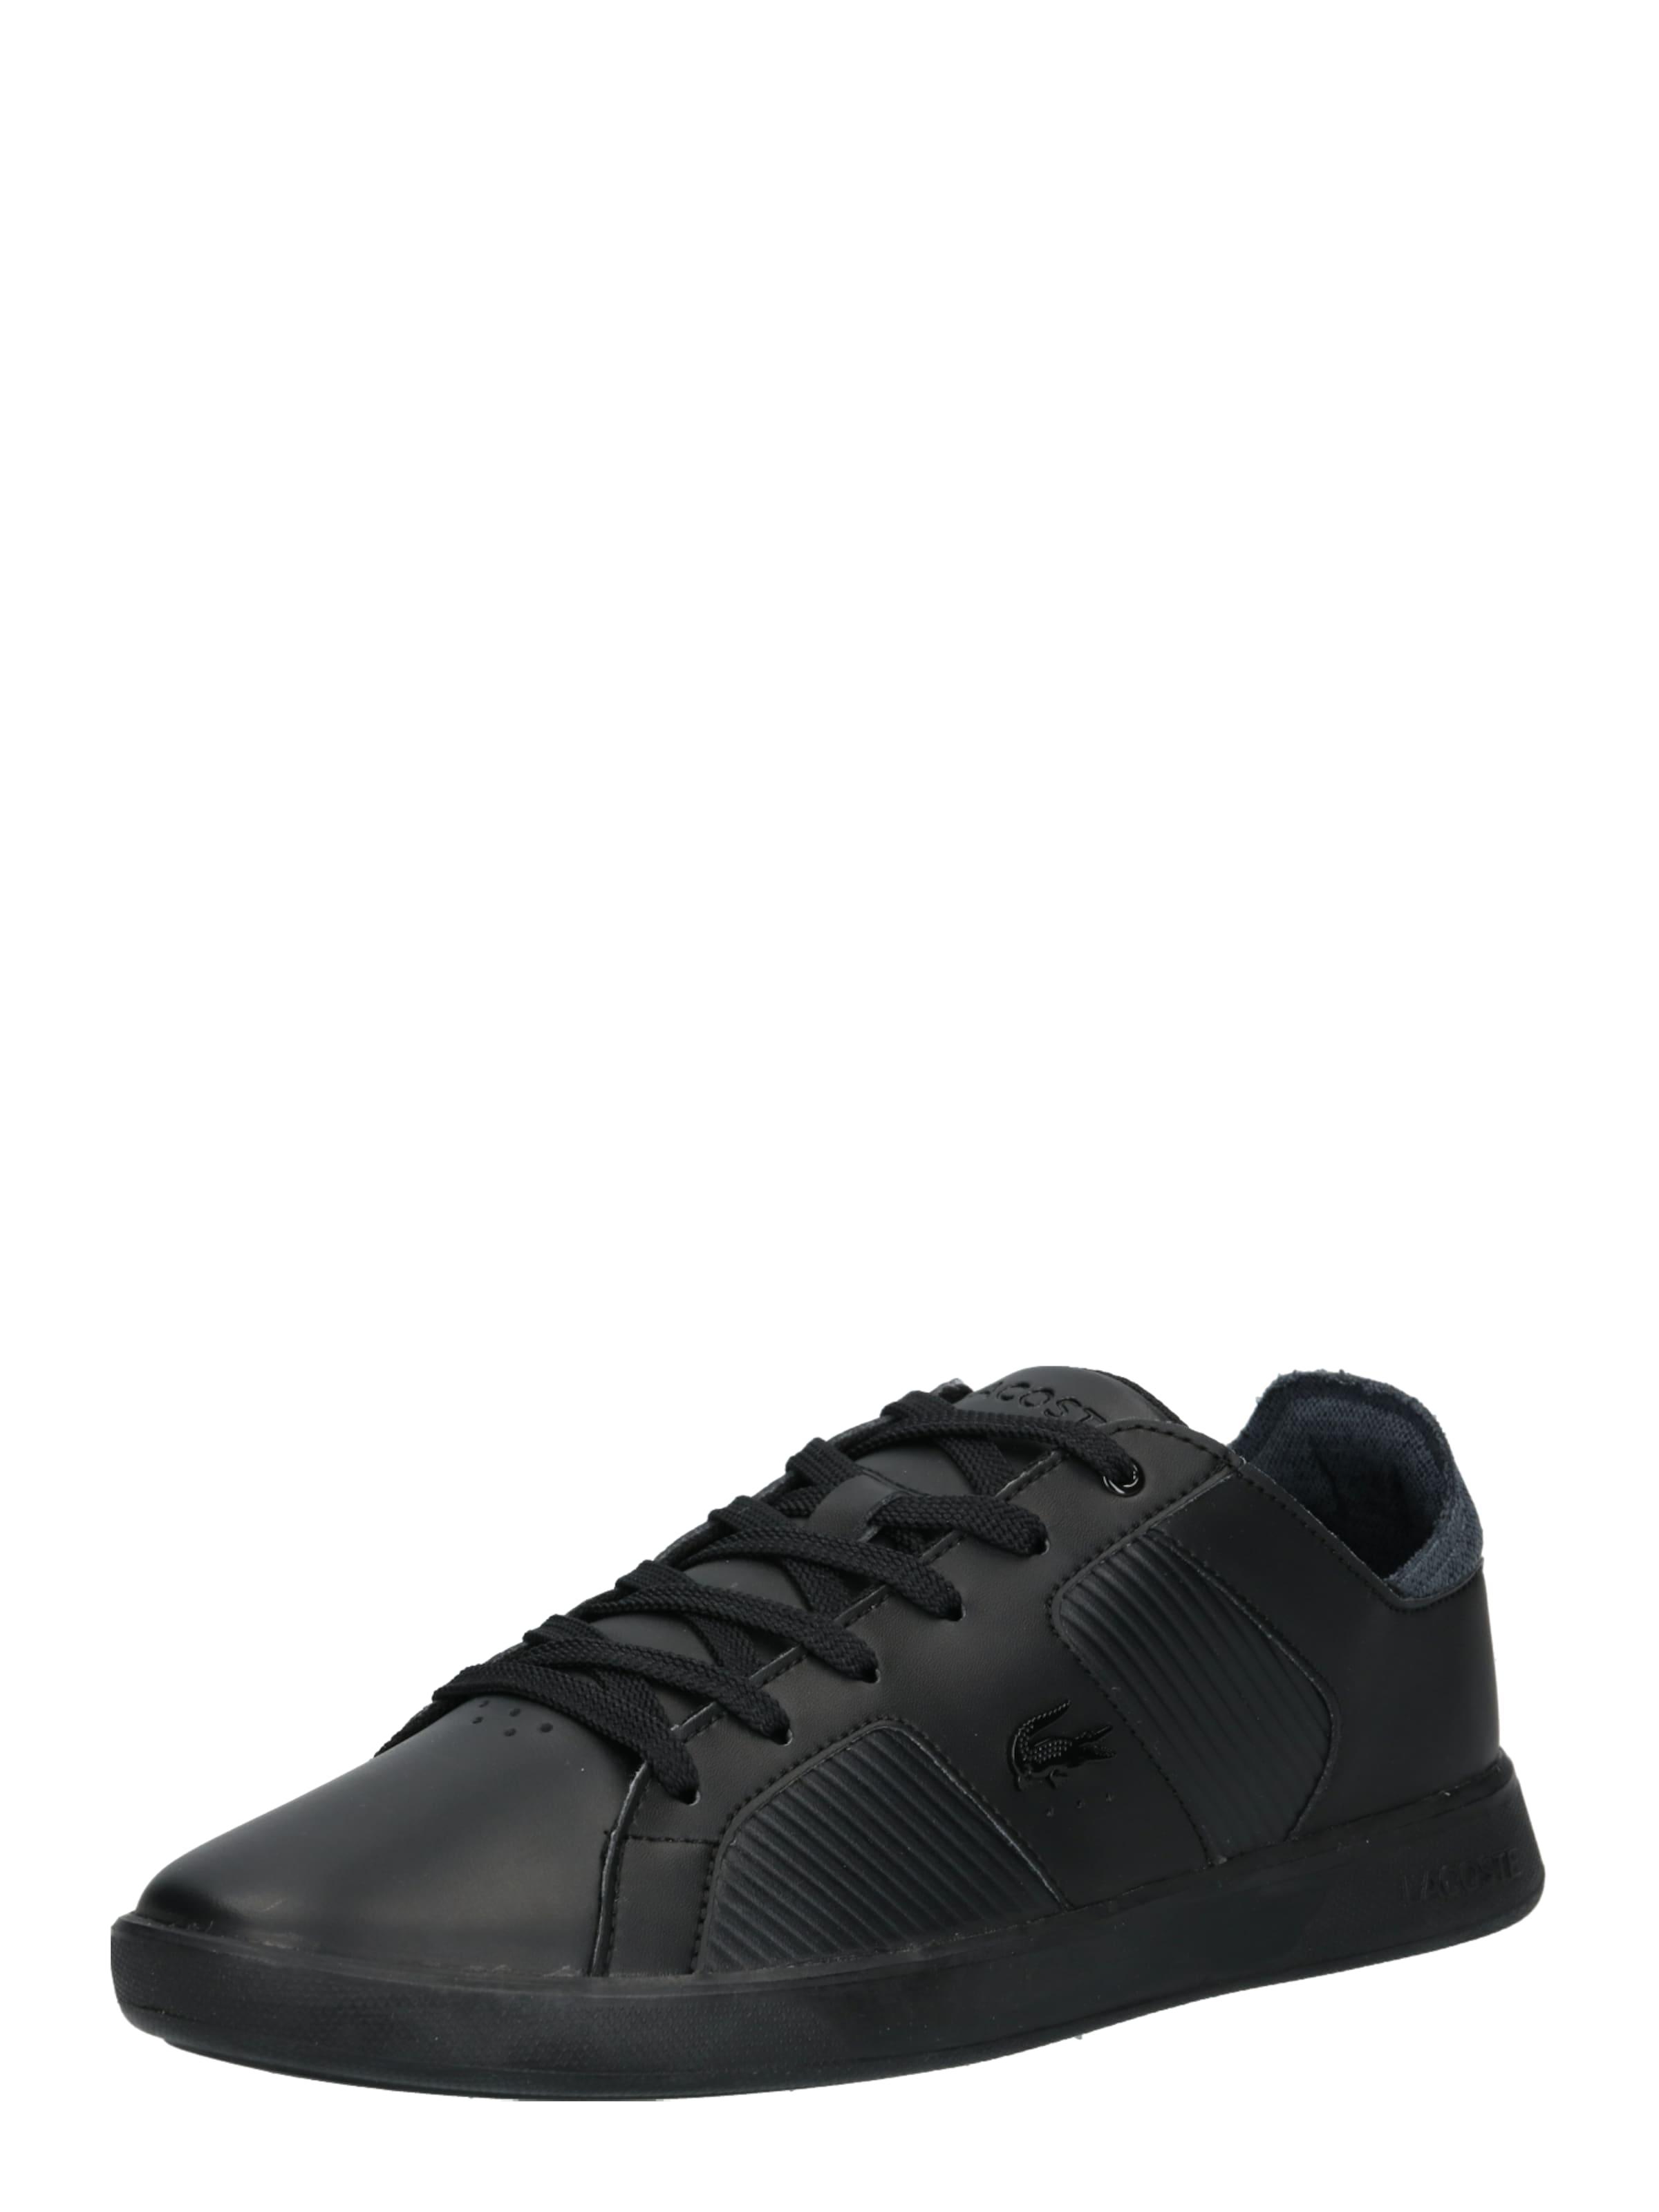 Sneaker 'novas Sma' Lacoste 319 2 In Schwarz VpMGUqSz